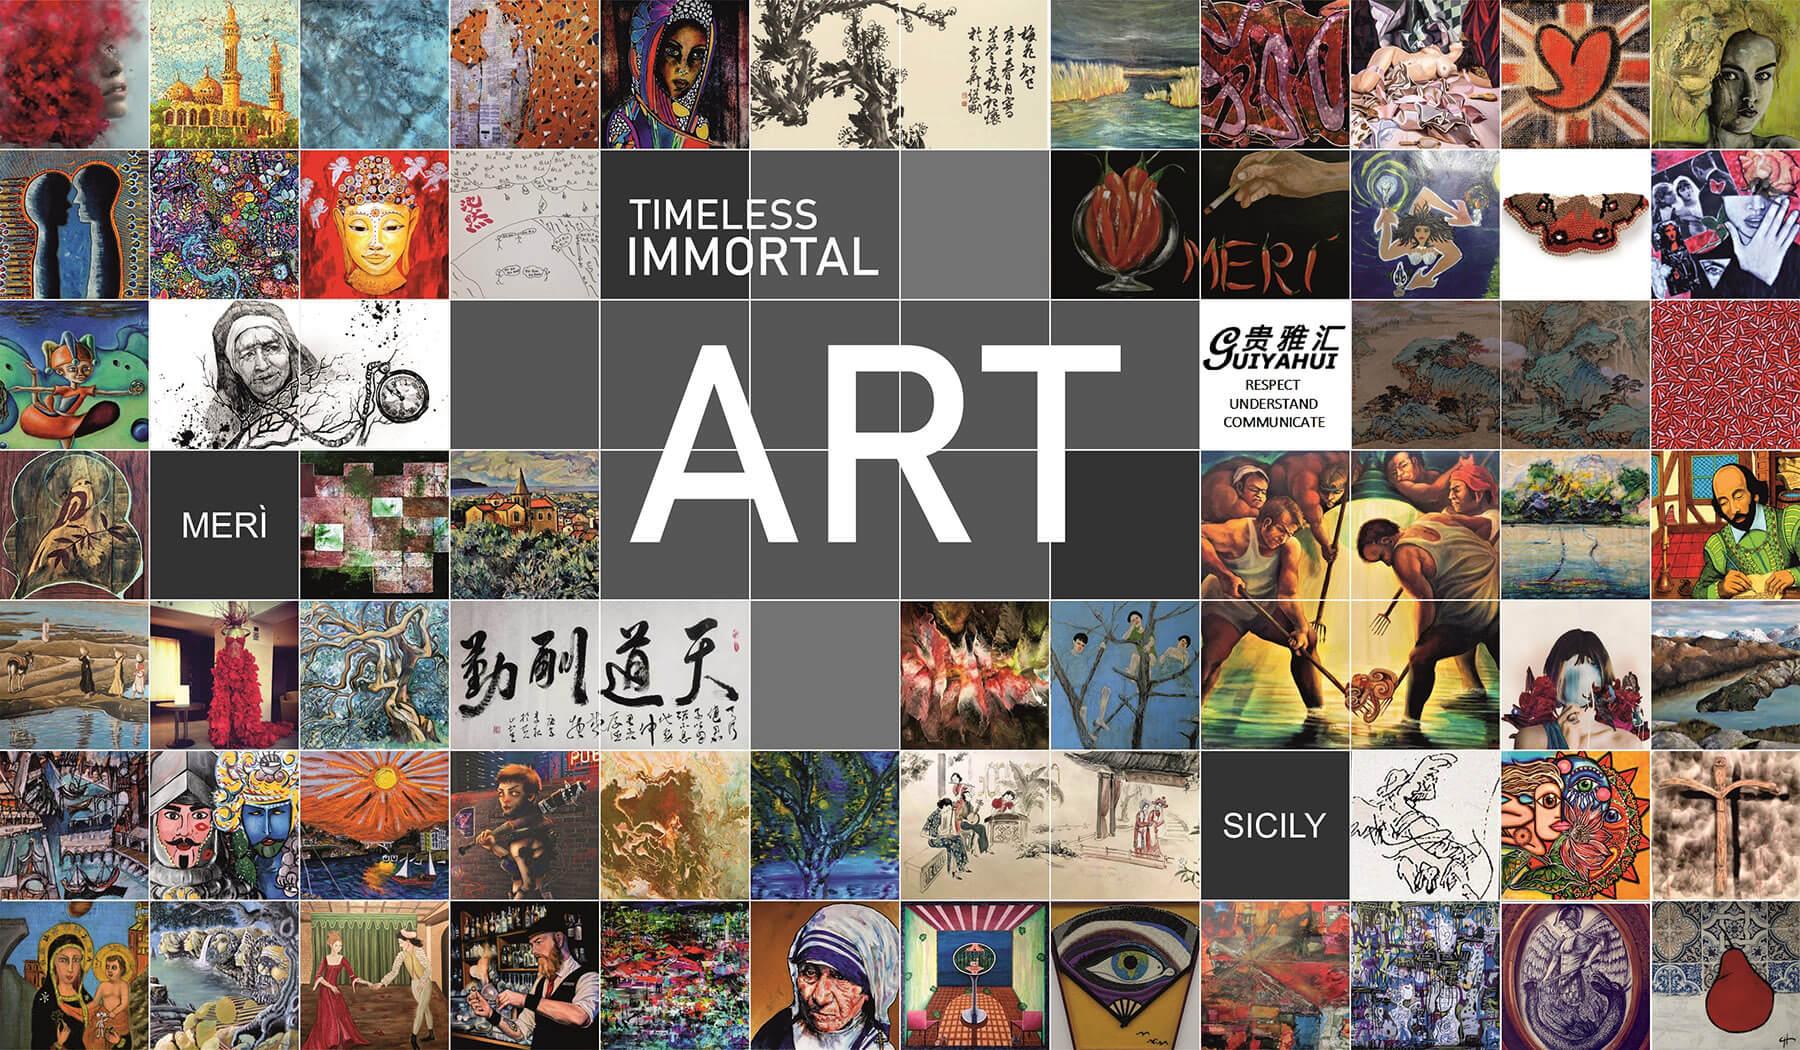 TIMELESS IMMORTAL ART:  Il dono dell'immortalità a 60 artisti provenienti da tutto il mondo.